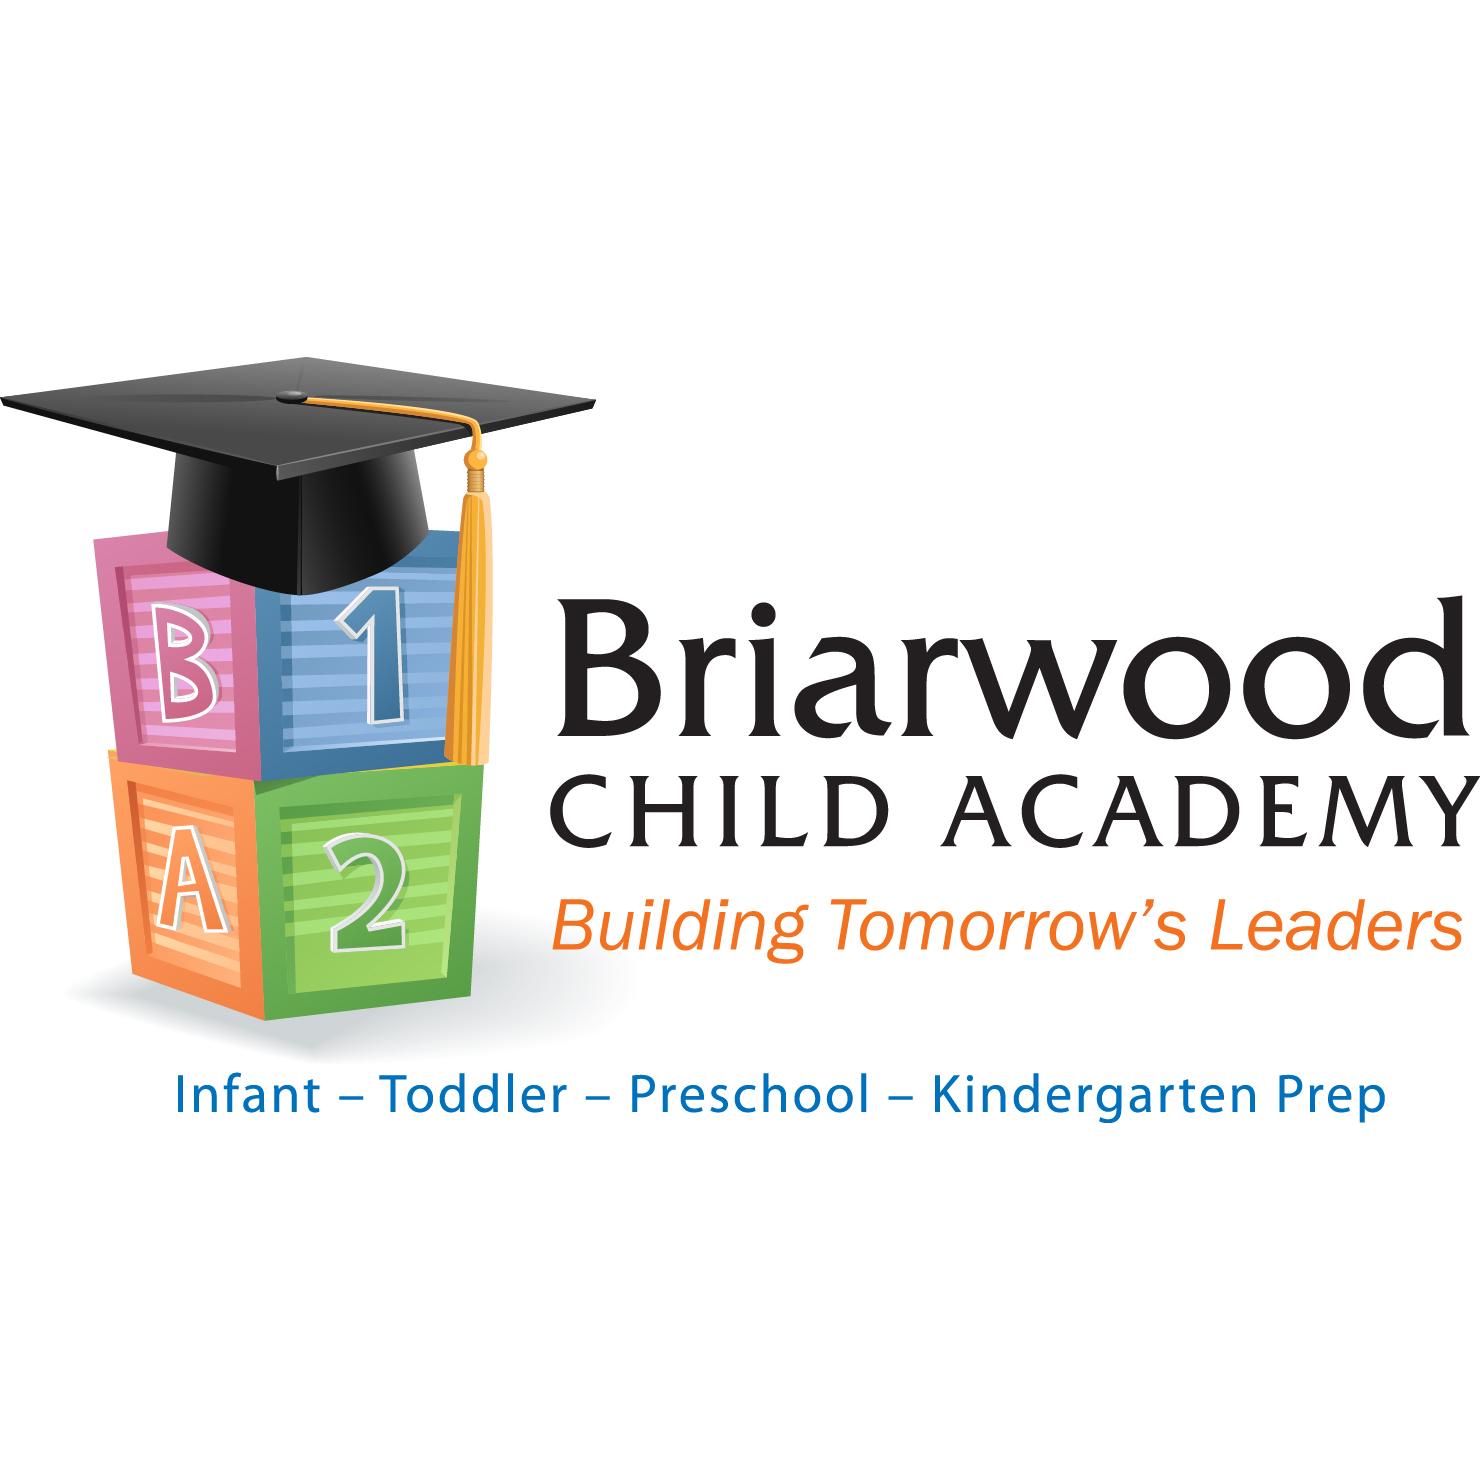 Briarwood Child Academy image 4